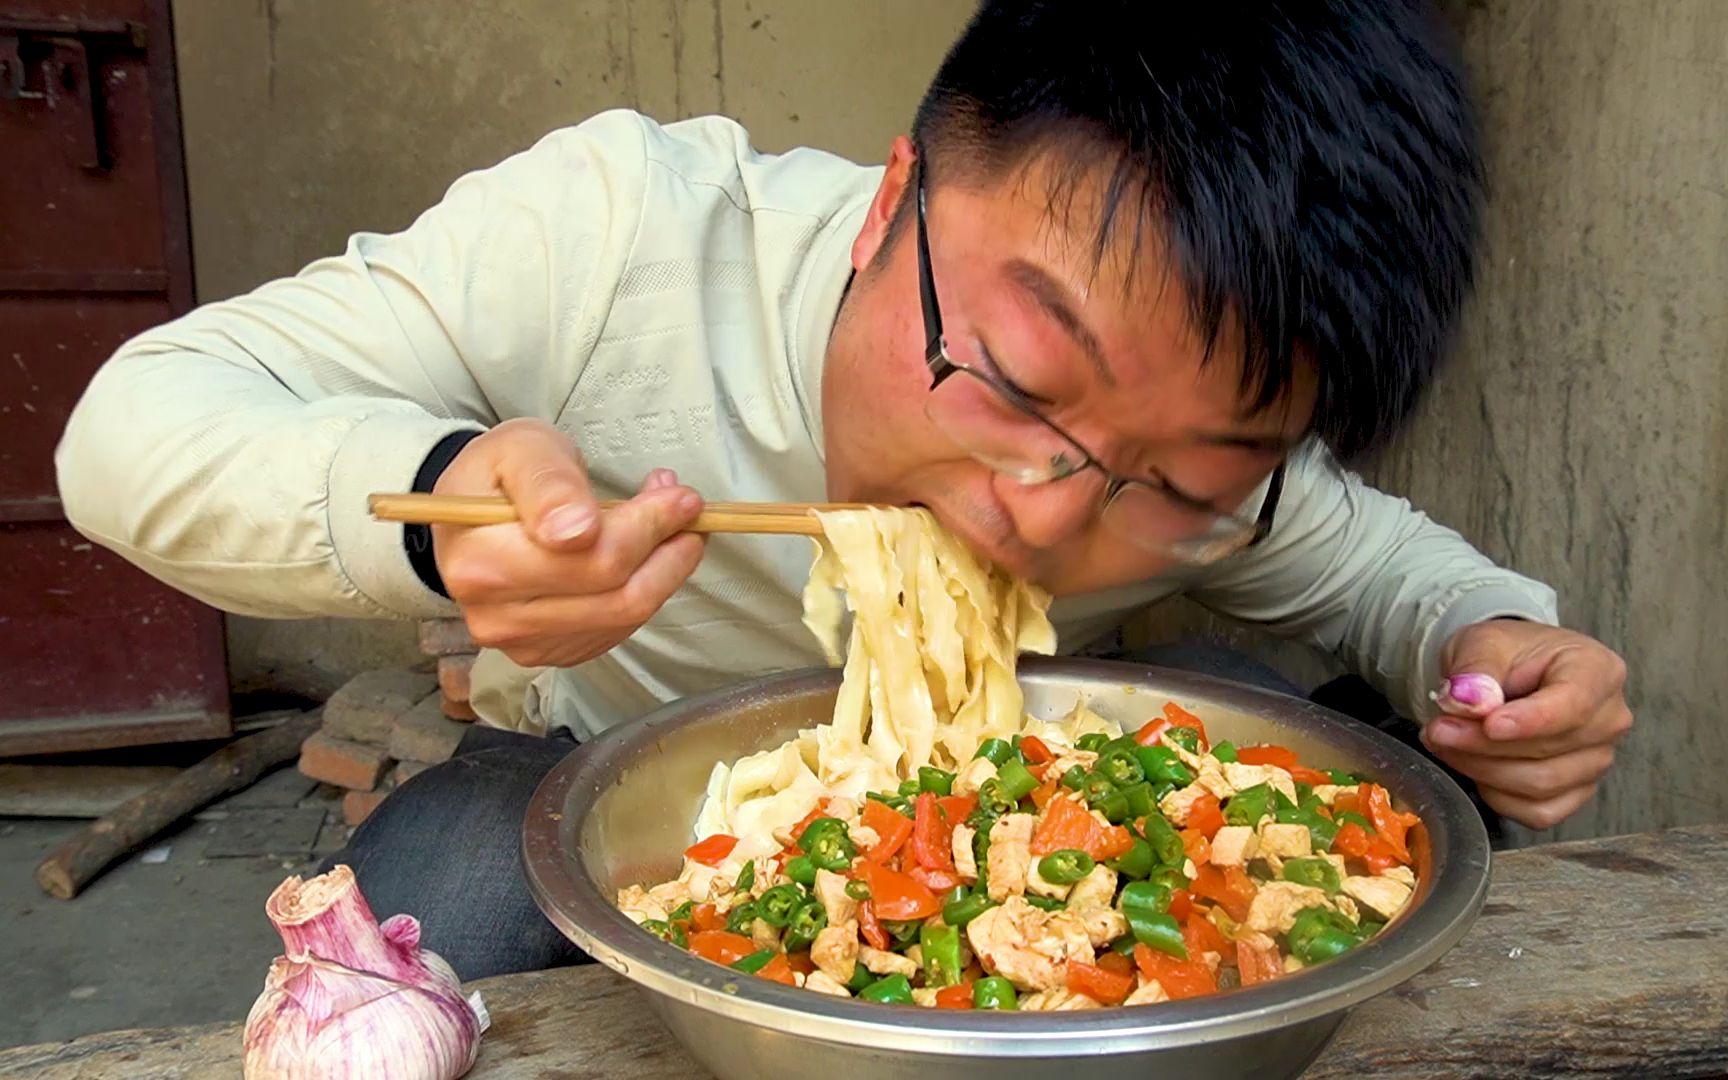 两斤辣椒,一斤鸡肉一斤挂面,做一盆双椒鸡捞面,配最大头的蒜,以辣制辣吃过瘾